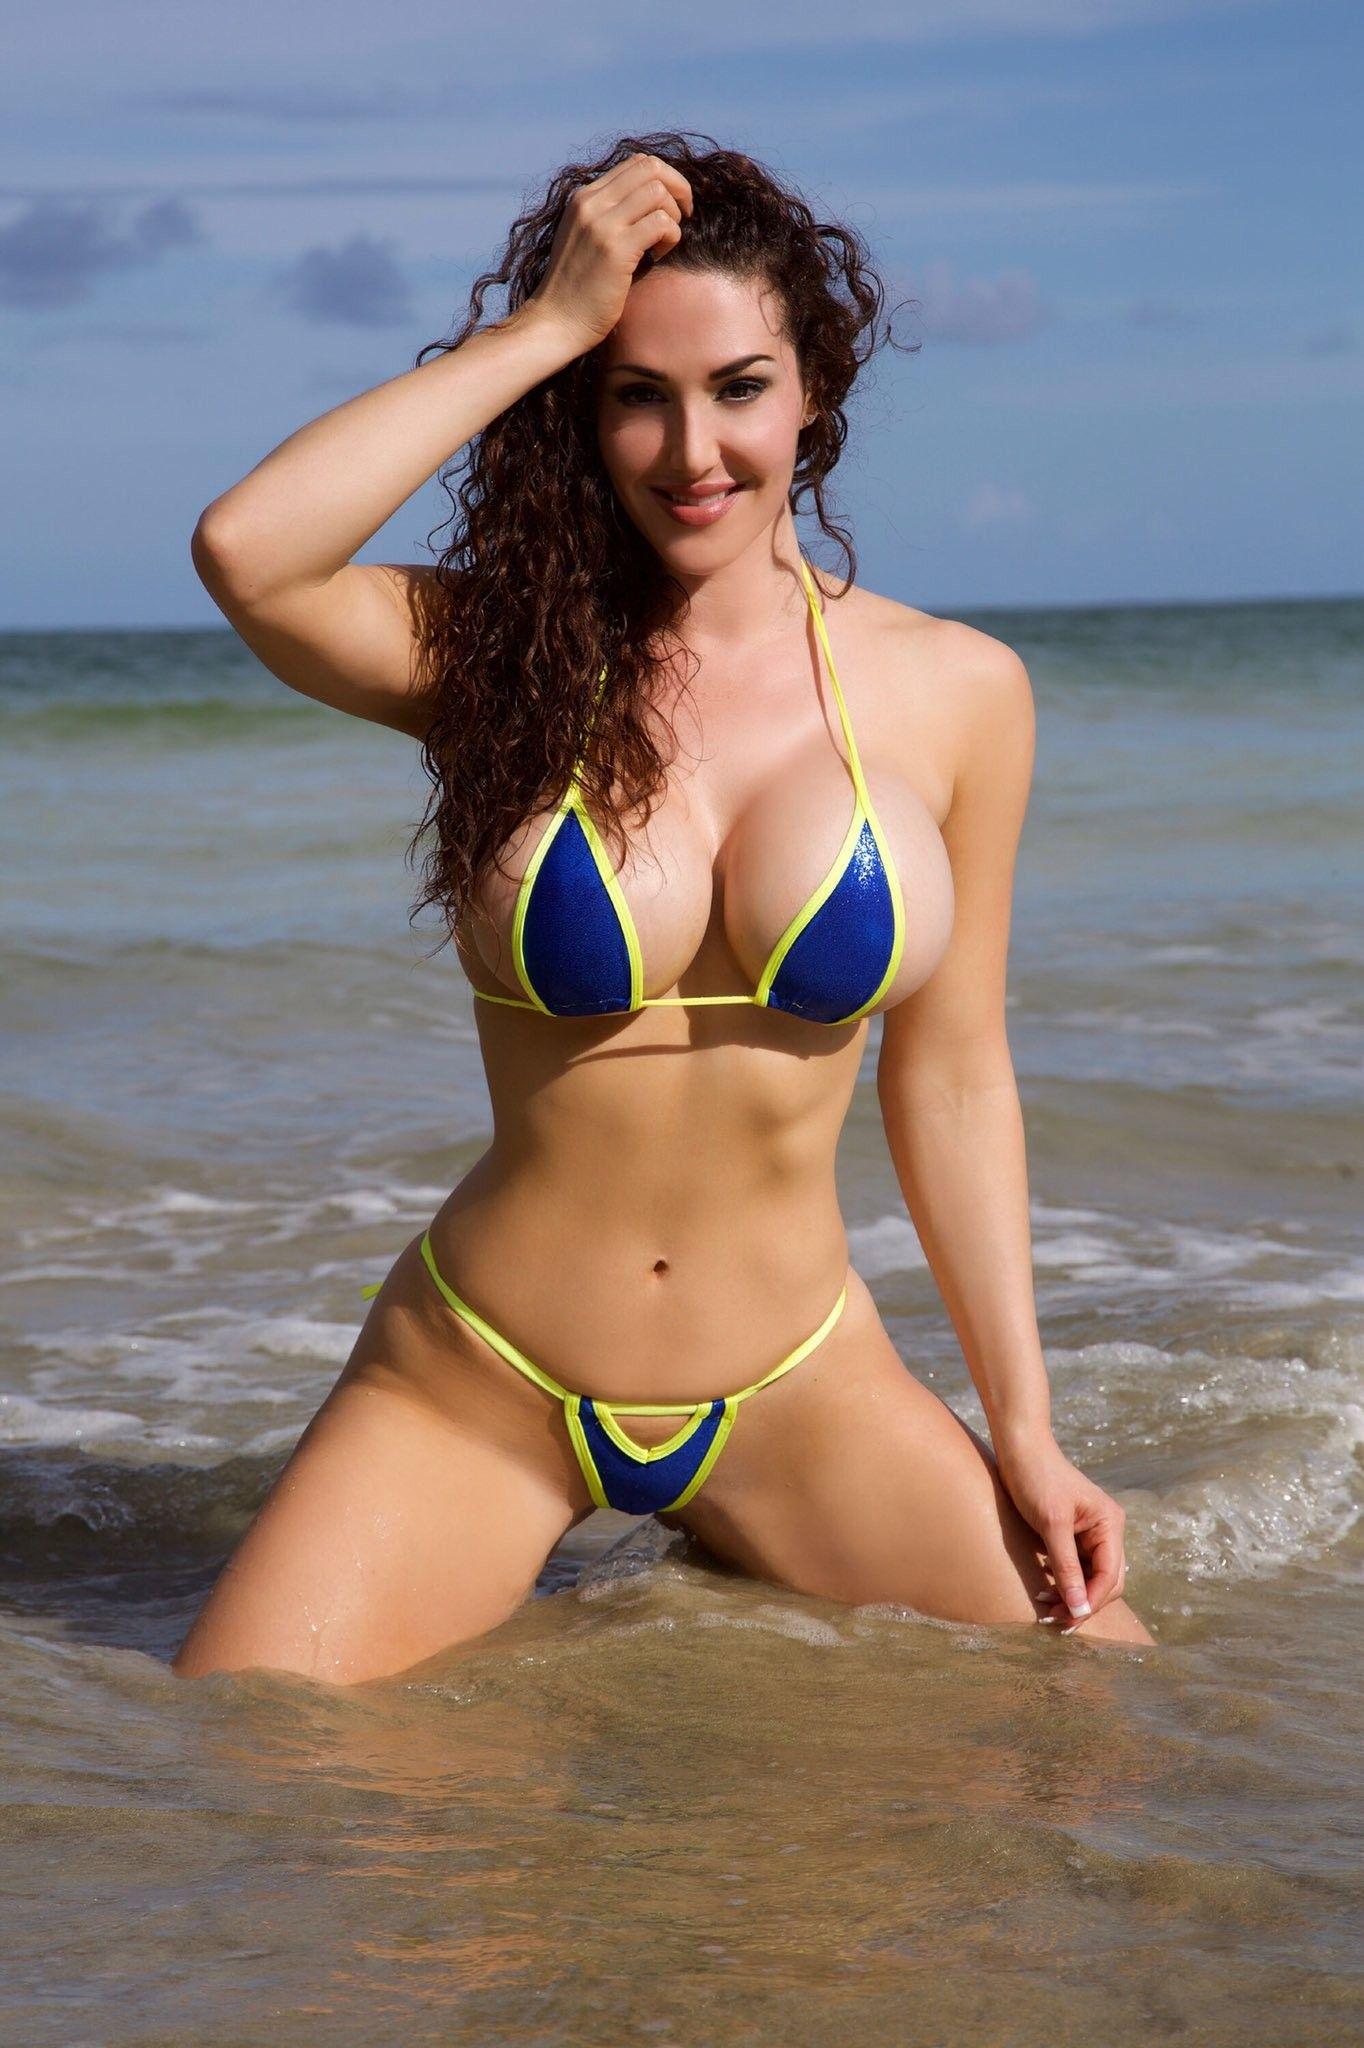 Giada bikini in bikini pictures — pic 4